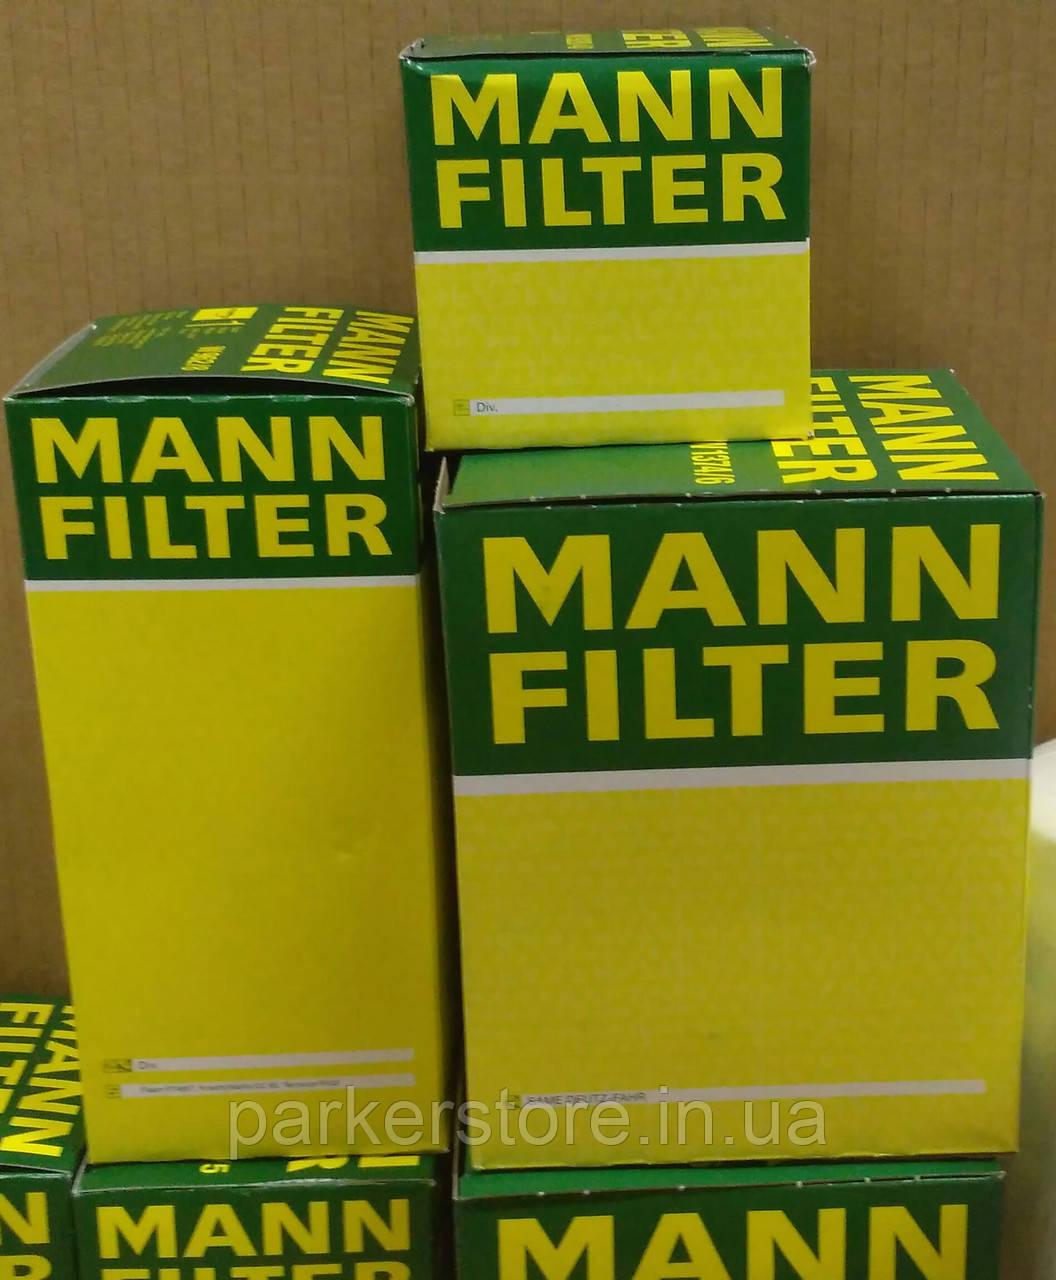 MANN FILTER / Повітряний фільтр / C 1387 / C1387